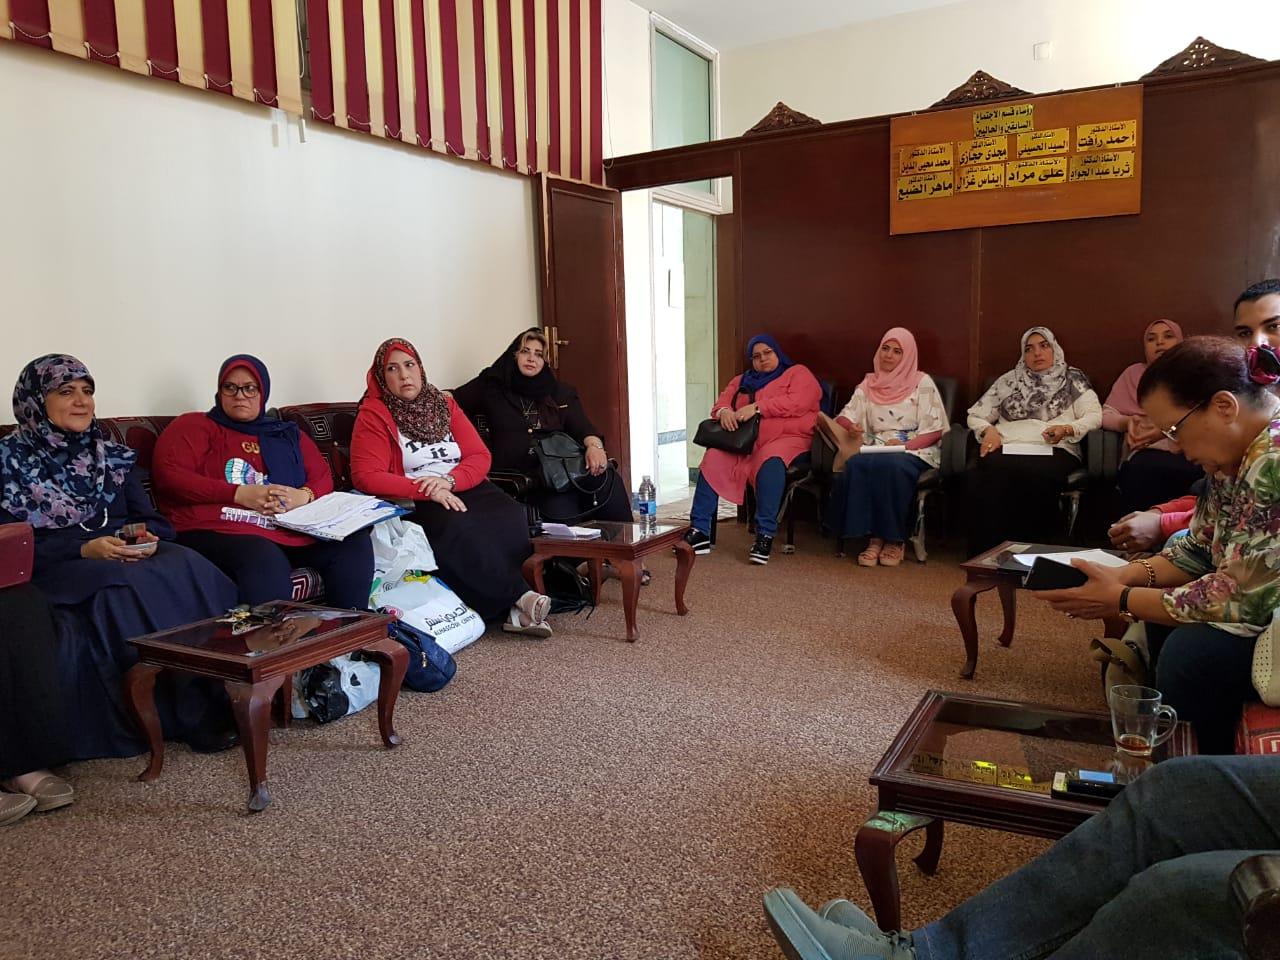 اجتماع مجلس برنامج الجودة في قسم علم الاجتماع ومراجعة أعمال اللجان ومتابعة المعايير